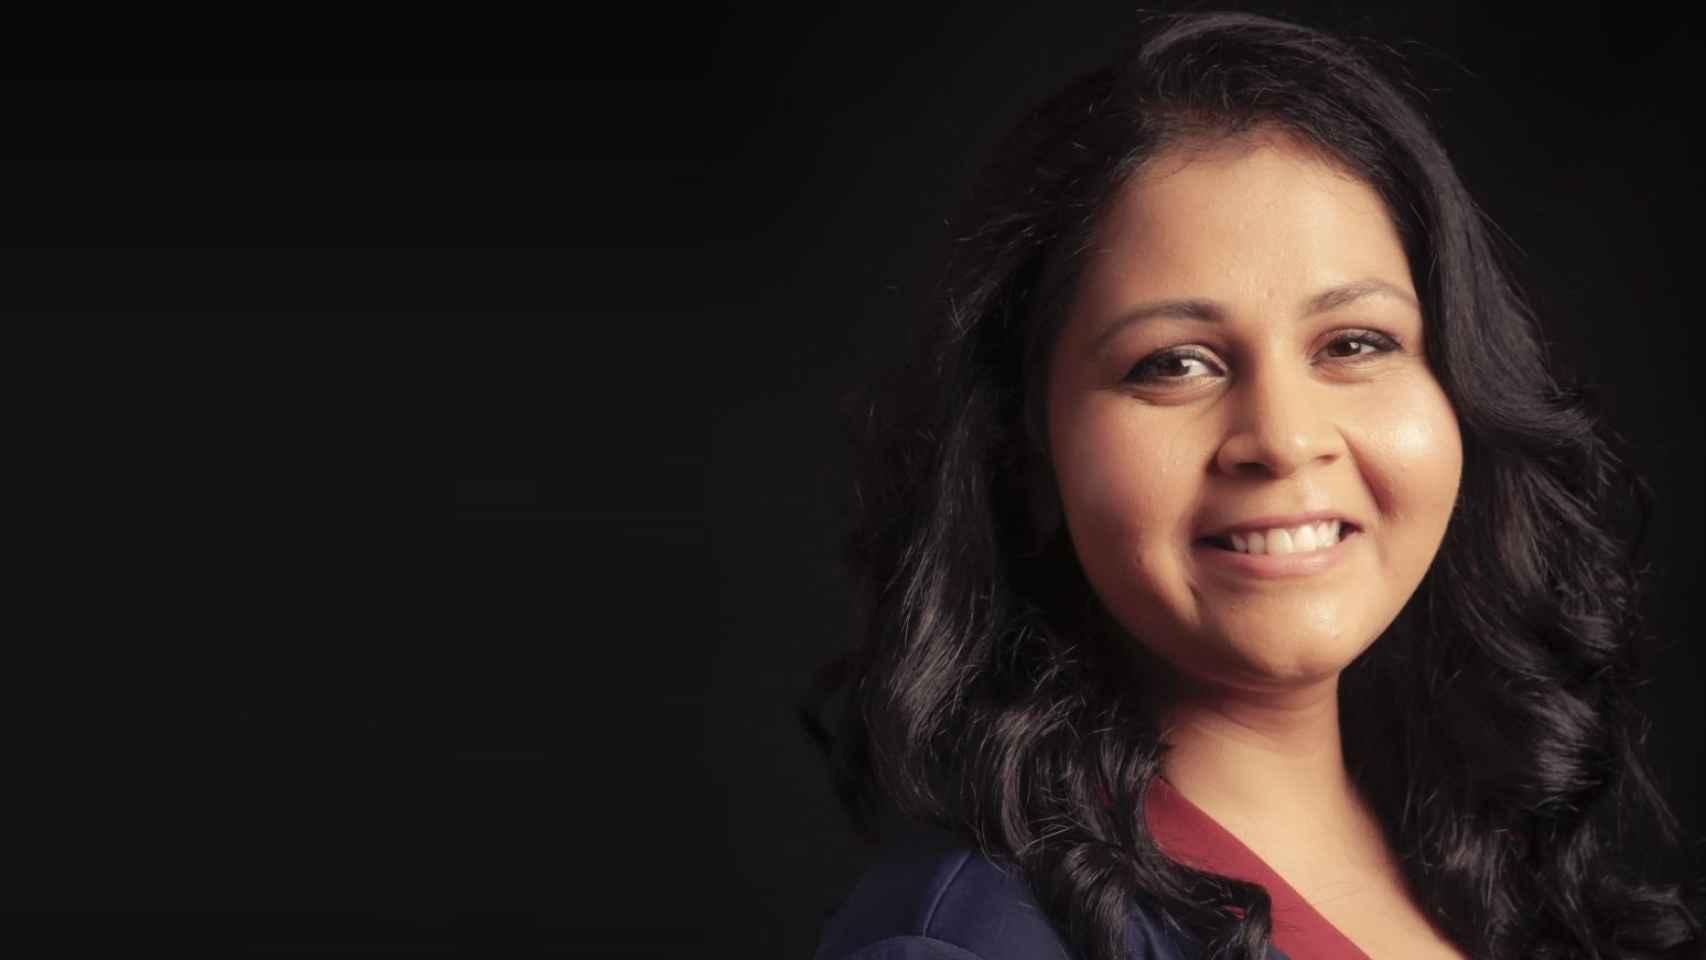 Amrita Srivastava, máxima responsable de Mastercard Fintech Express en Europa Occidental